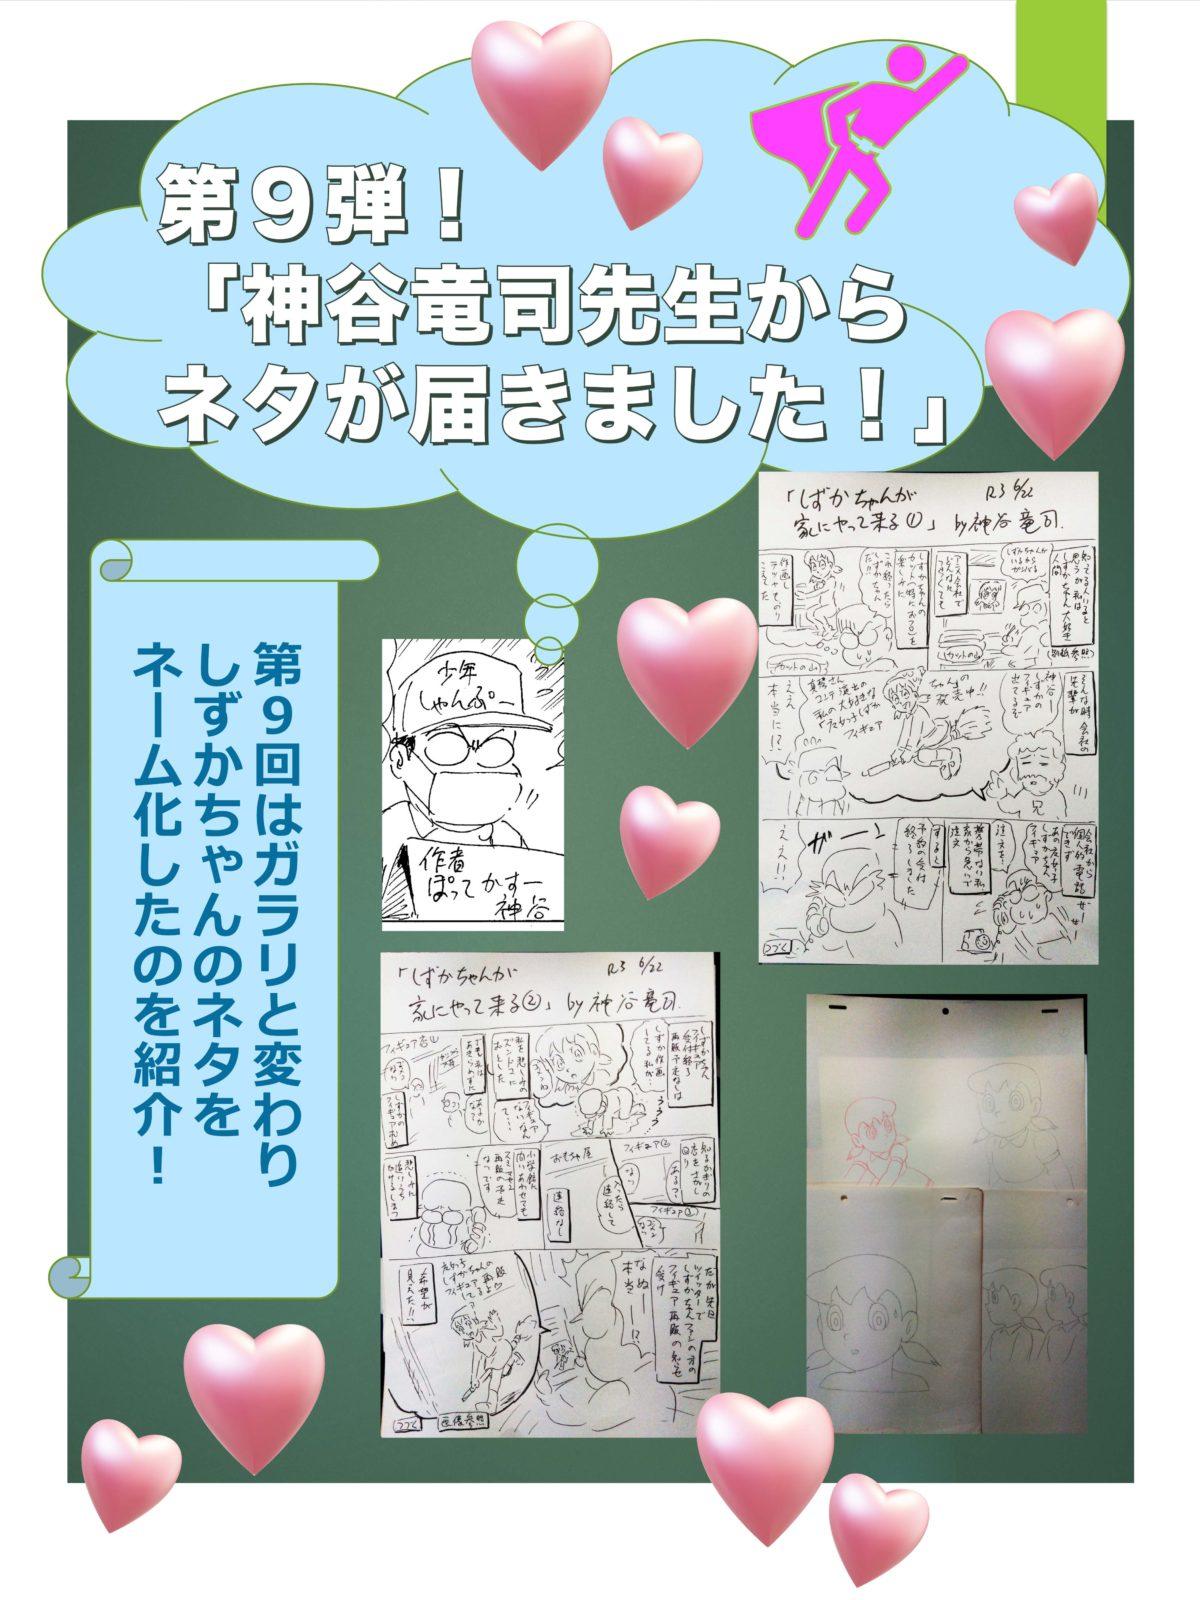 その9です! 今回も2ネタ!「神谷竜司先生からネタが届きました!」